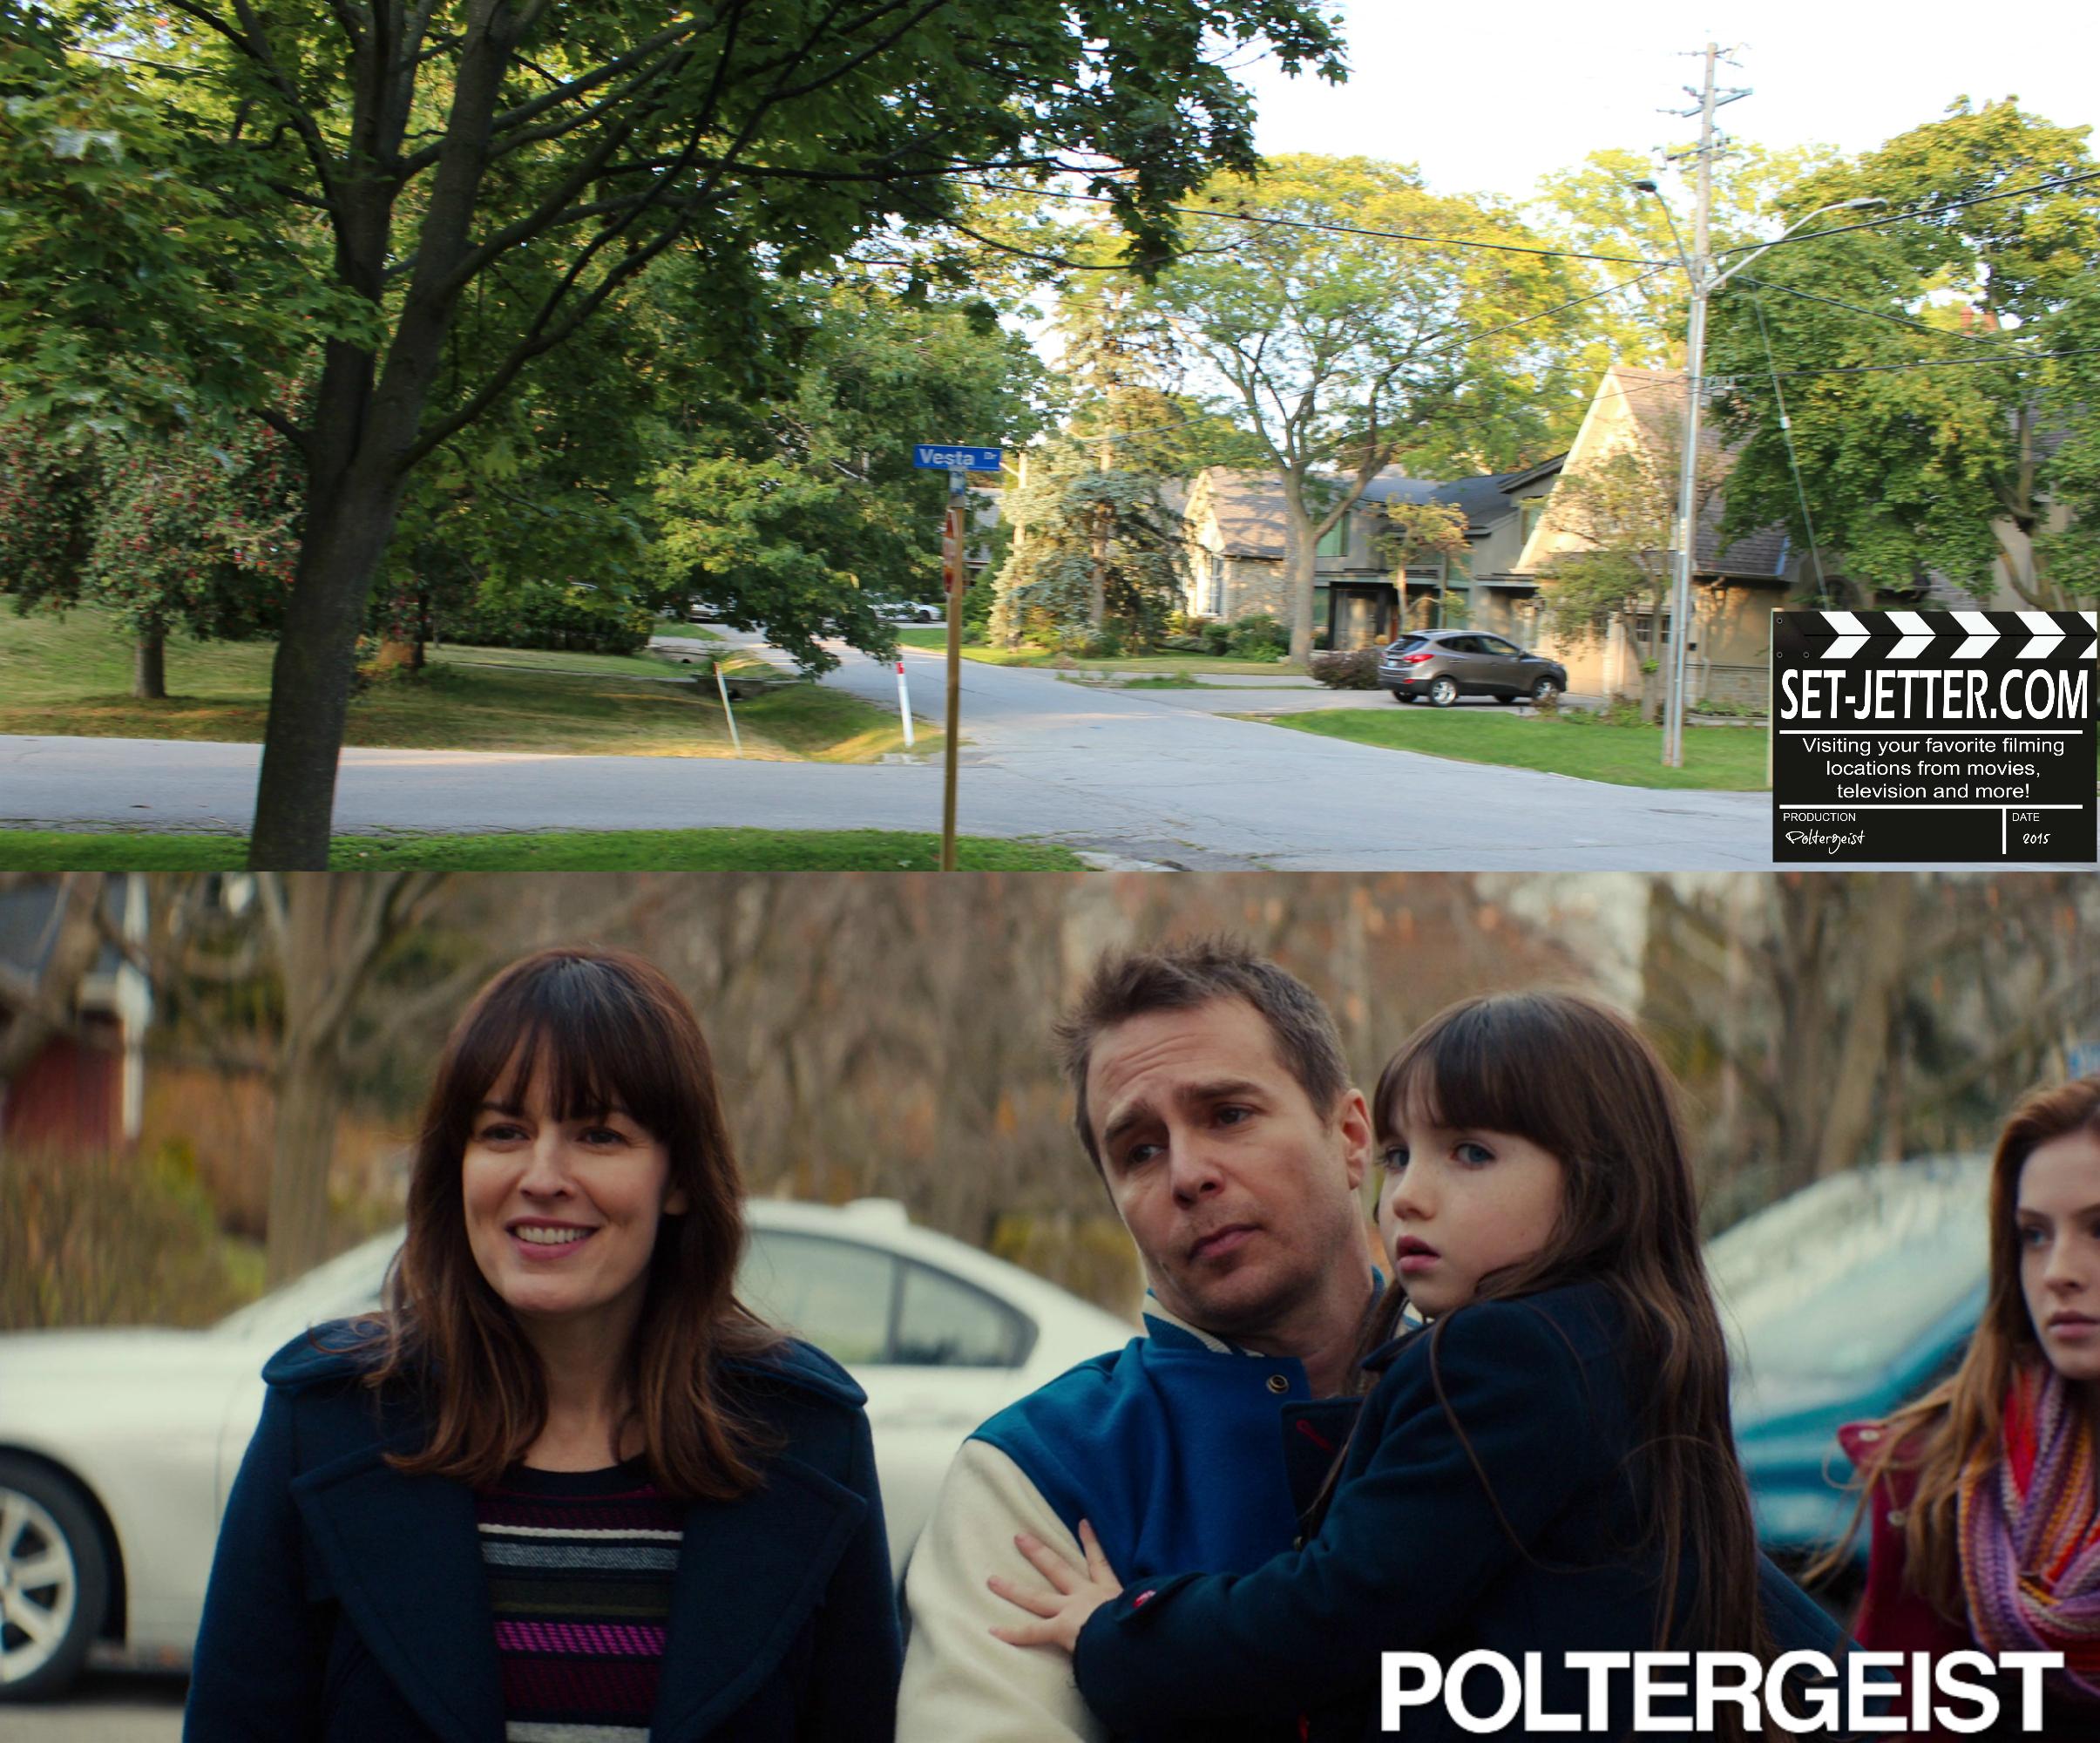 Poltergeist comparison 25.jpg